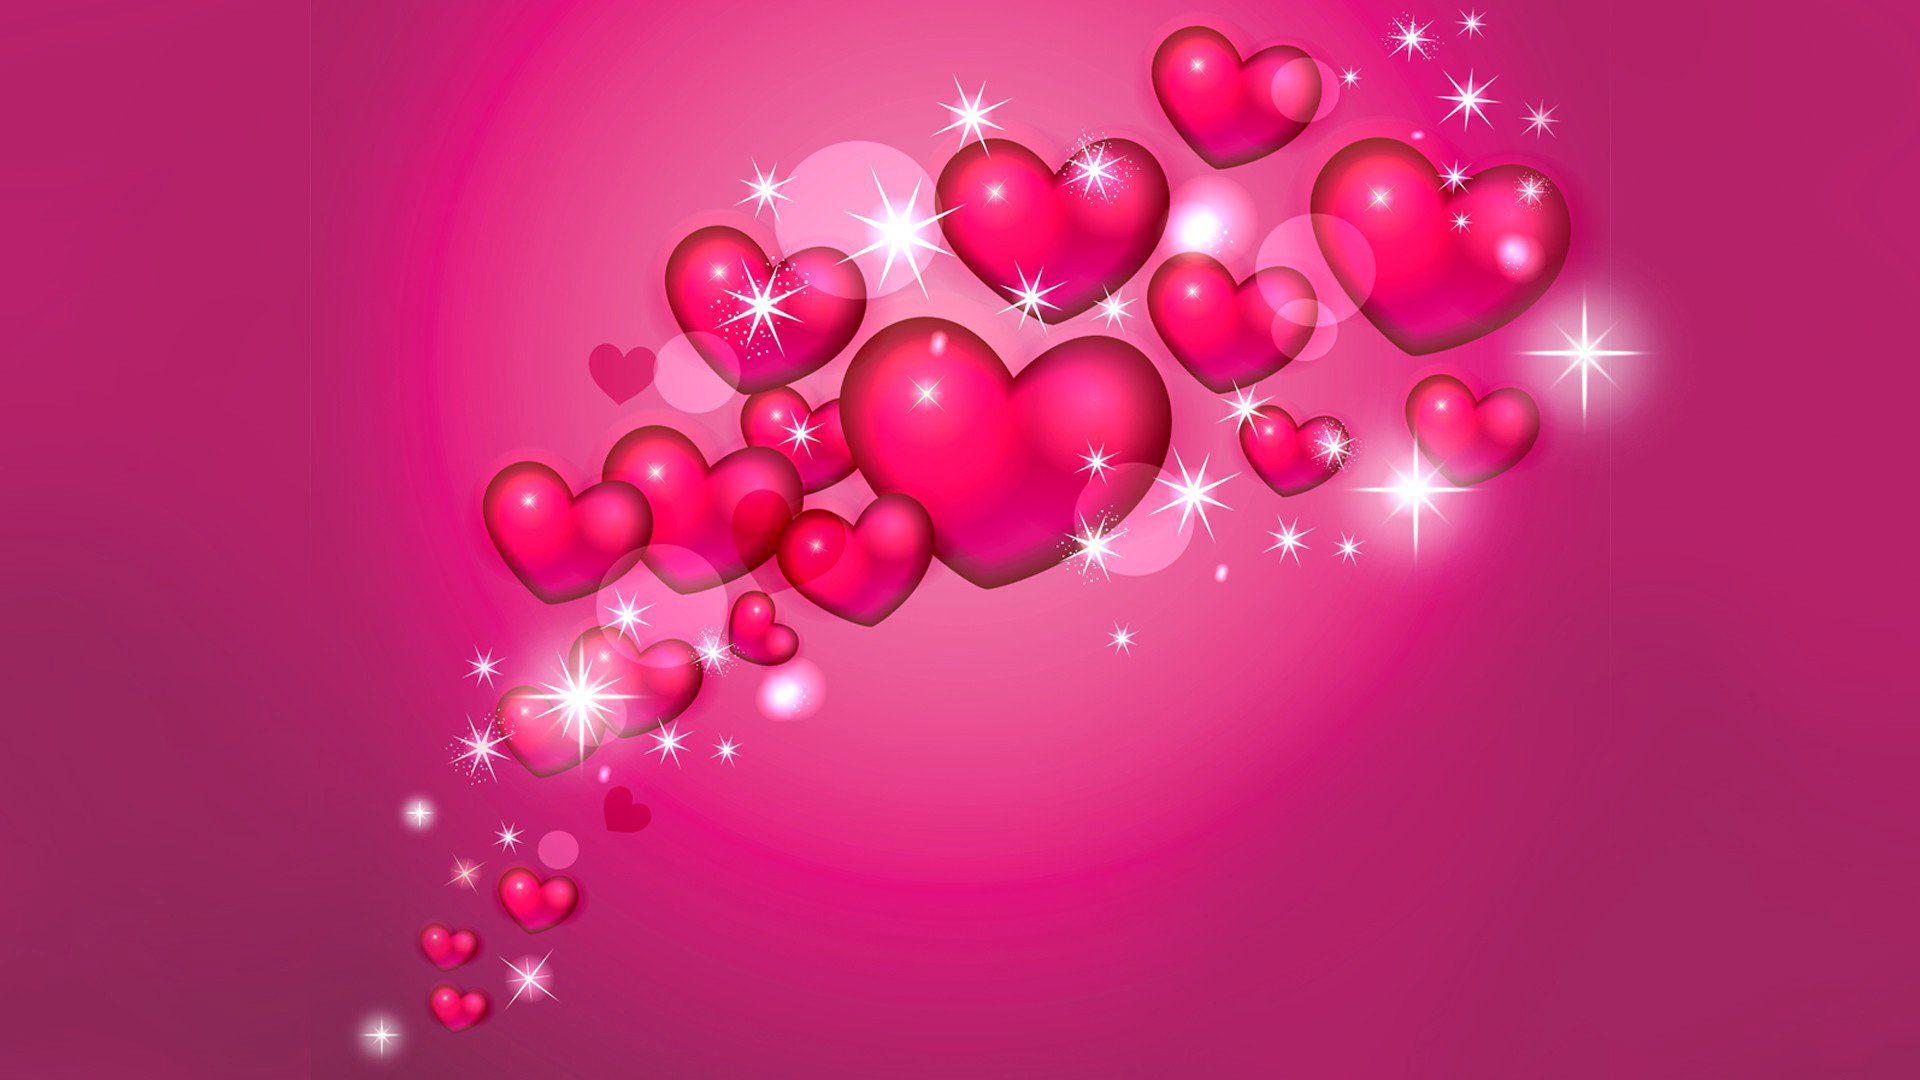 Heart 1080p